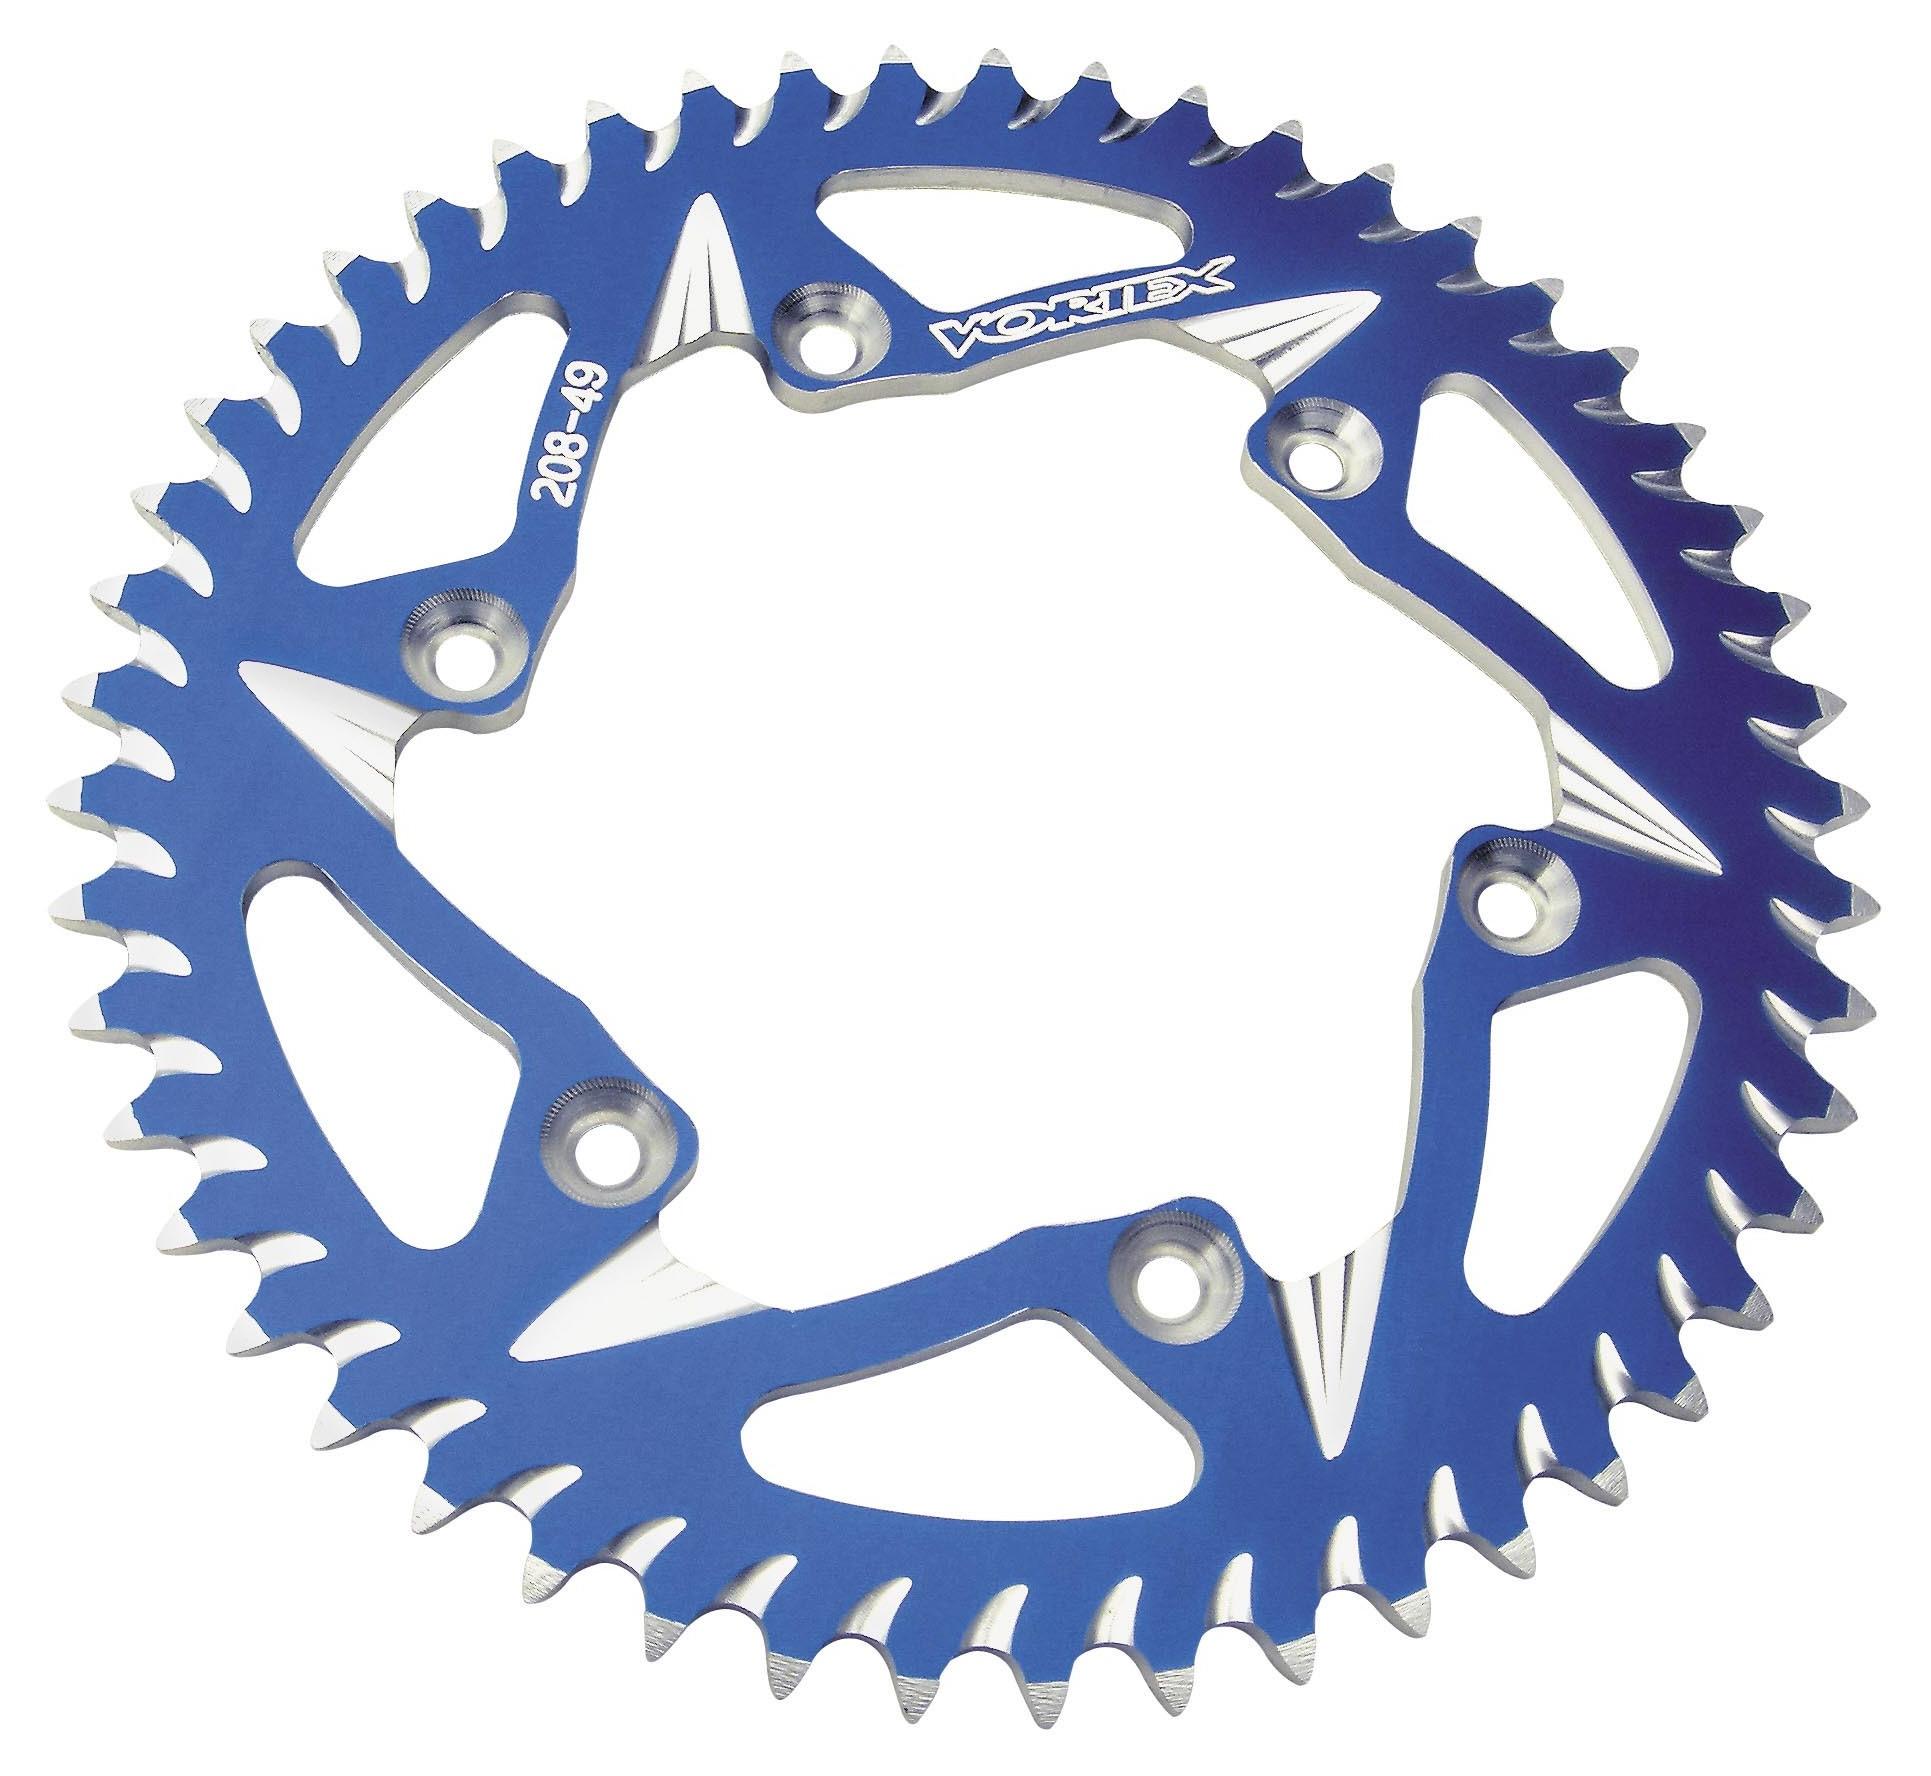 Vortex 247-50 Silver 50-Tooth Rear Sprocket